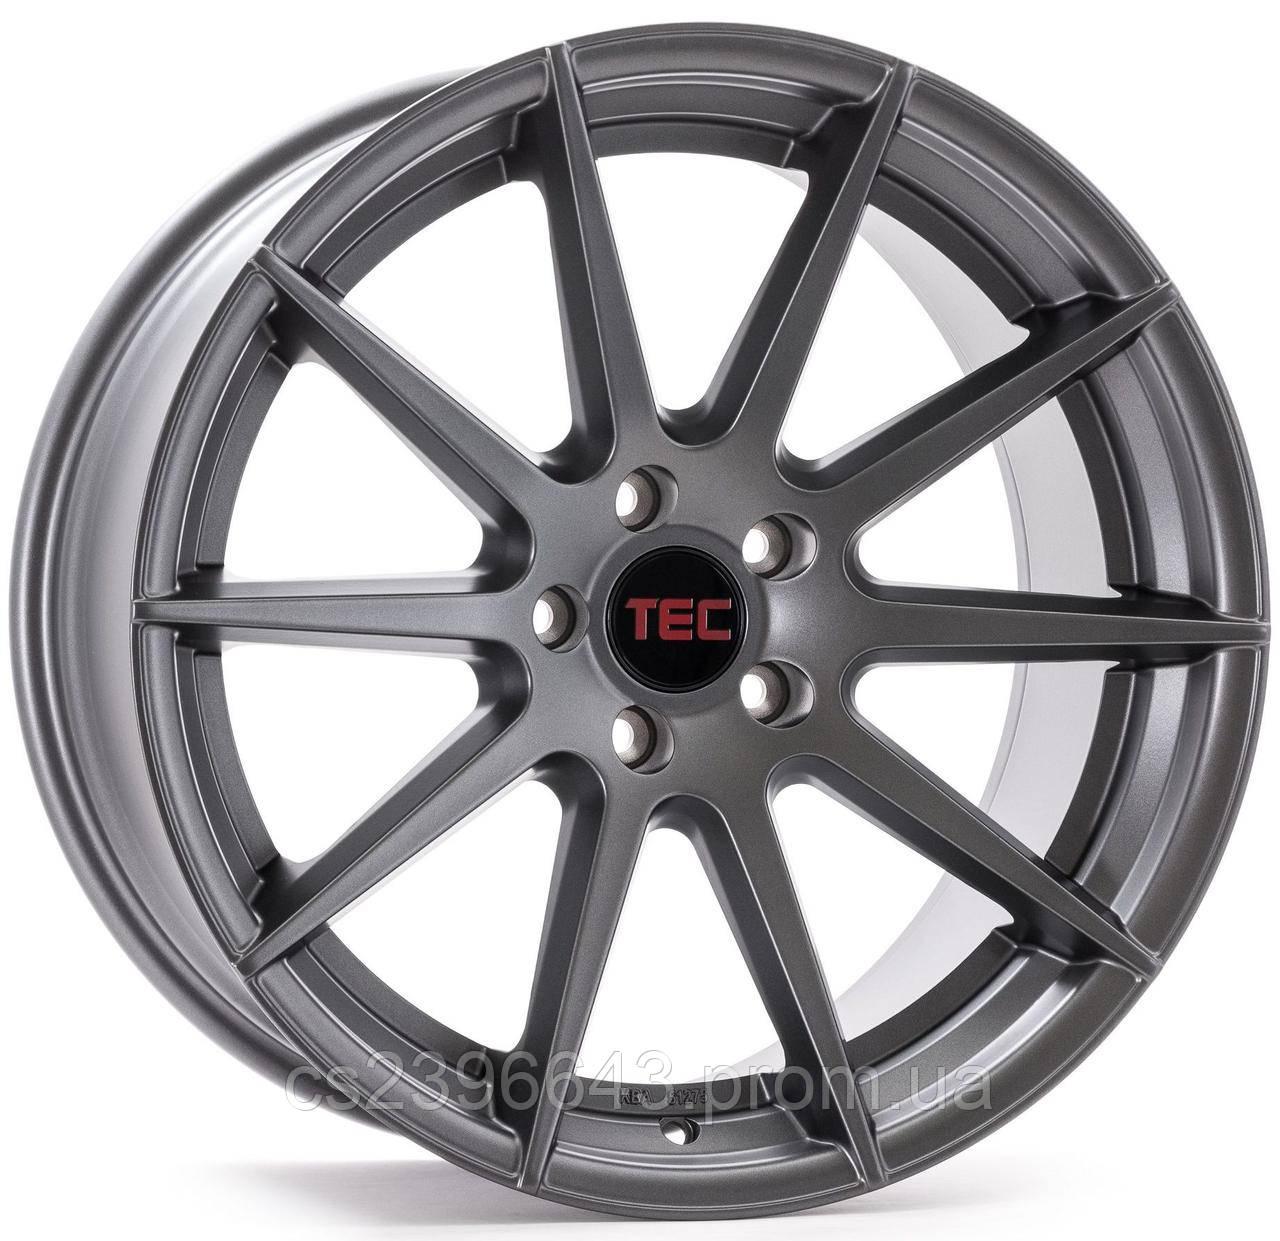 Колесный диск TEC Speedwheels GT7 Ultralight  20x8,5 ET30